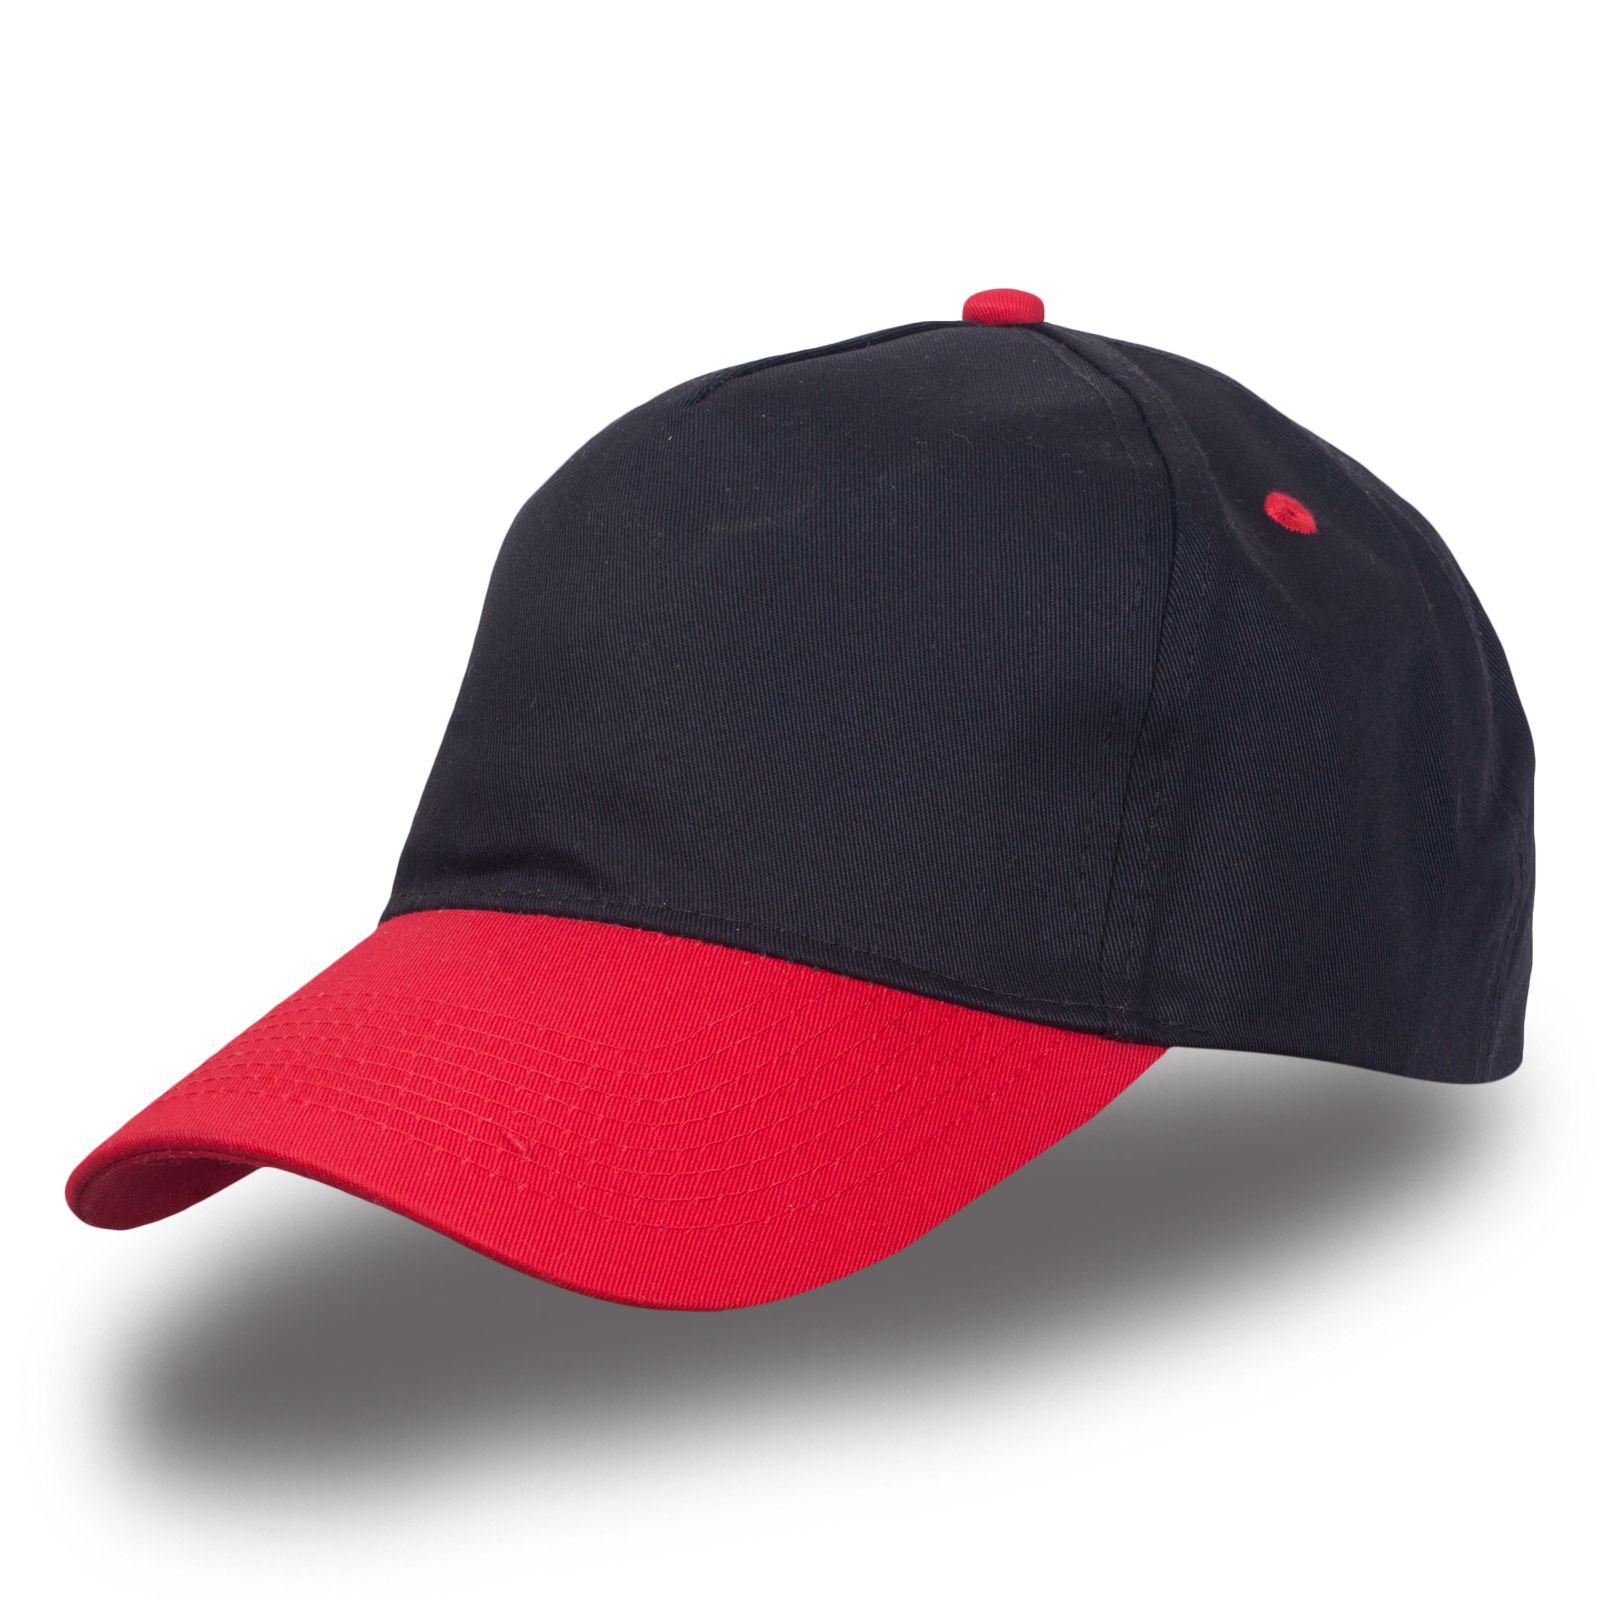 Черная кепка - купить в интернет-магазине